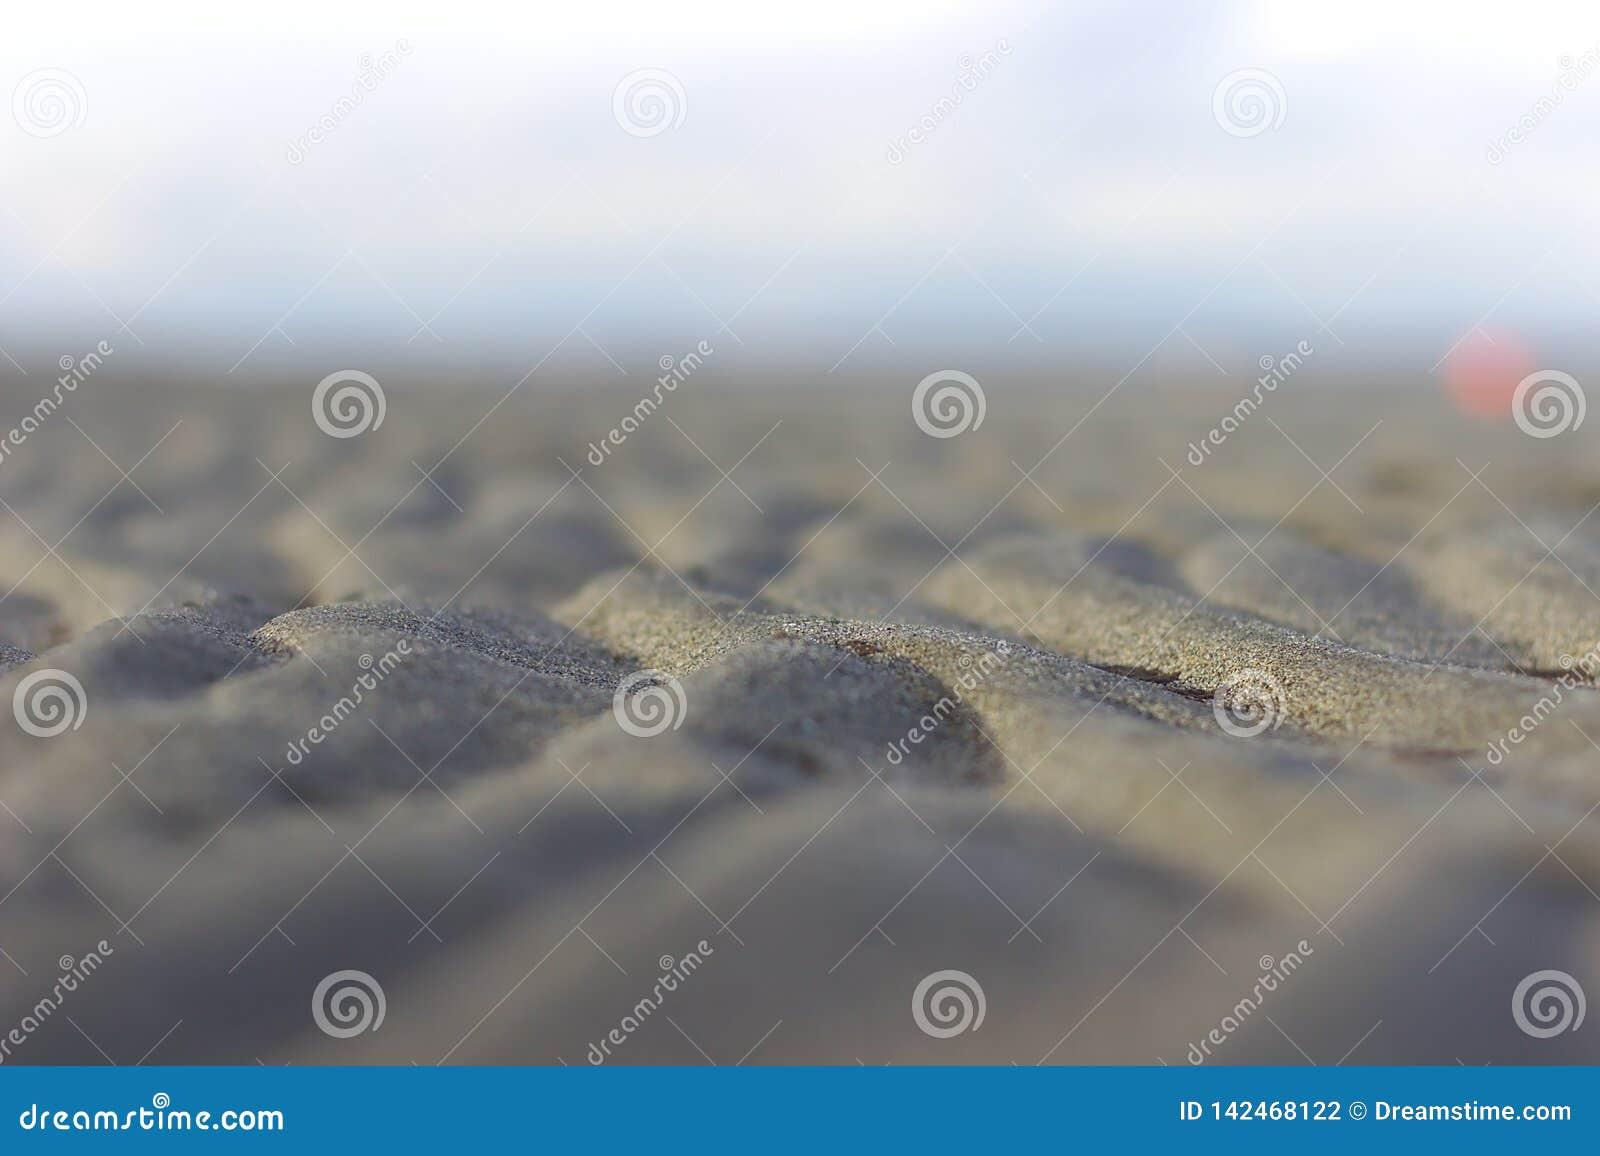 Ondulaciones del agua durante marea baja en la playa